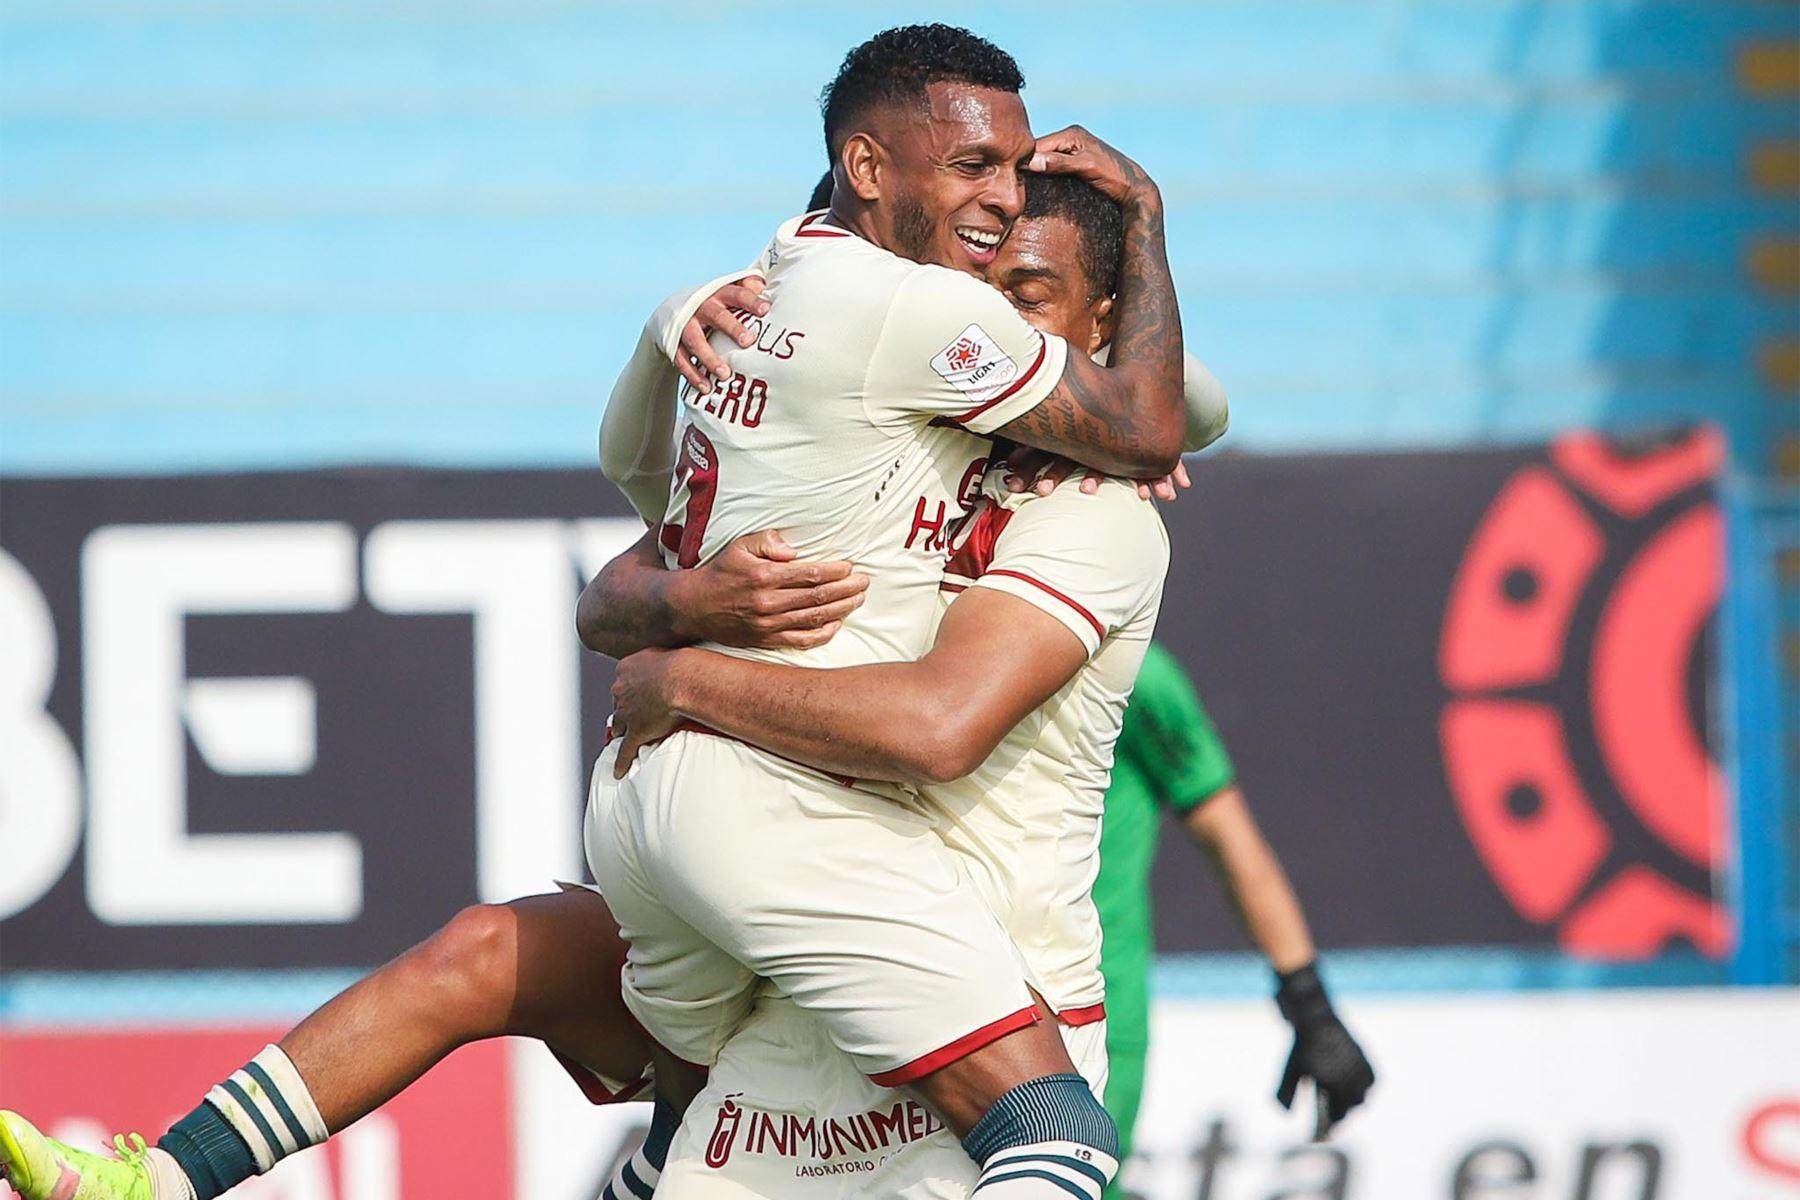 El futbolista Nelinho Quina de Universitario de Deportes  celebra su gol anotado ante el club Alianza UDH durante el partido de la fecha 12 de la Liga 1 en el estadio Alberto Gallardo. F oto: @LigaFutProf